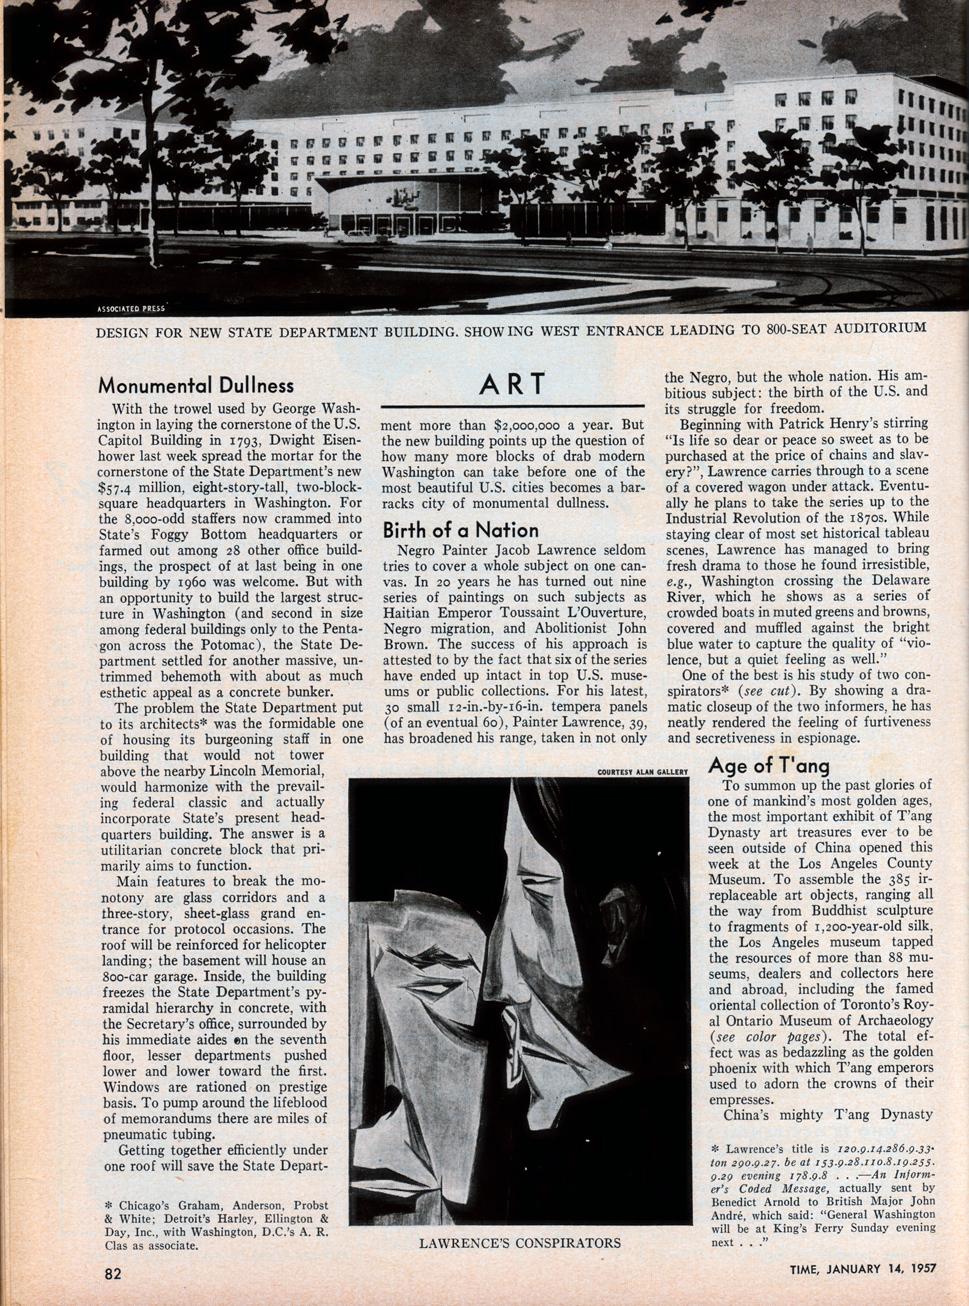 jacob lawrence - time mag. jan. 1957